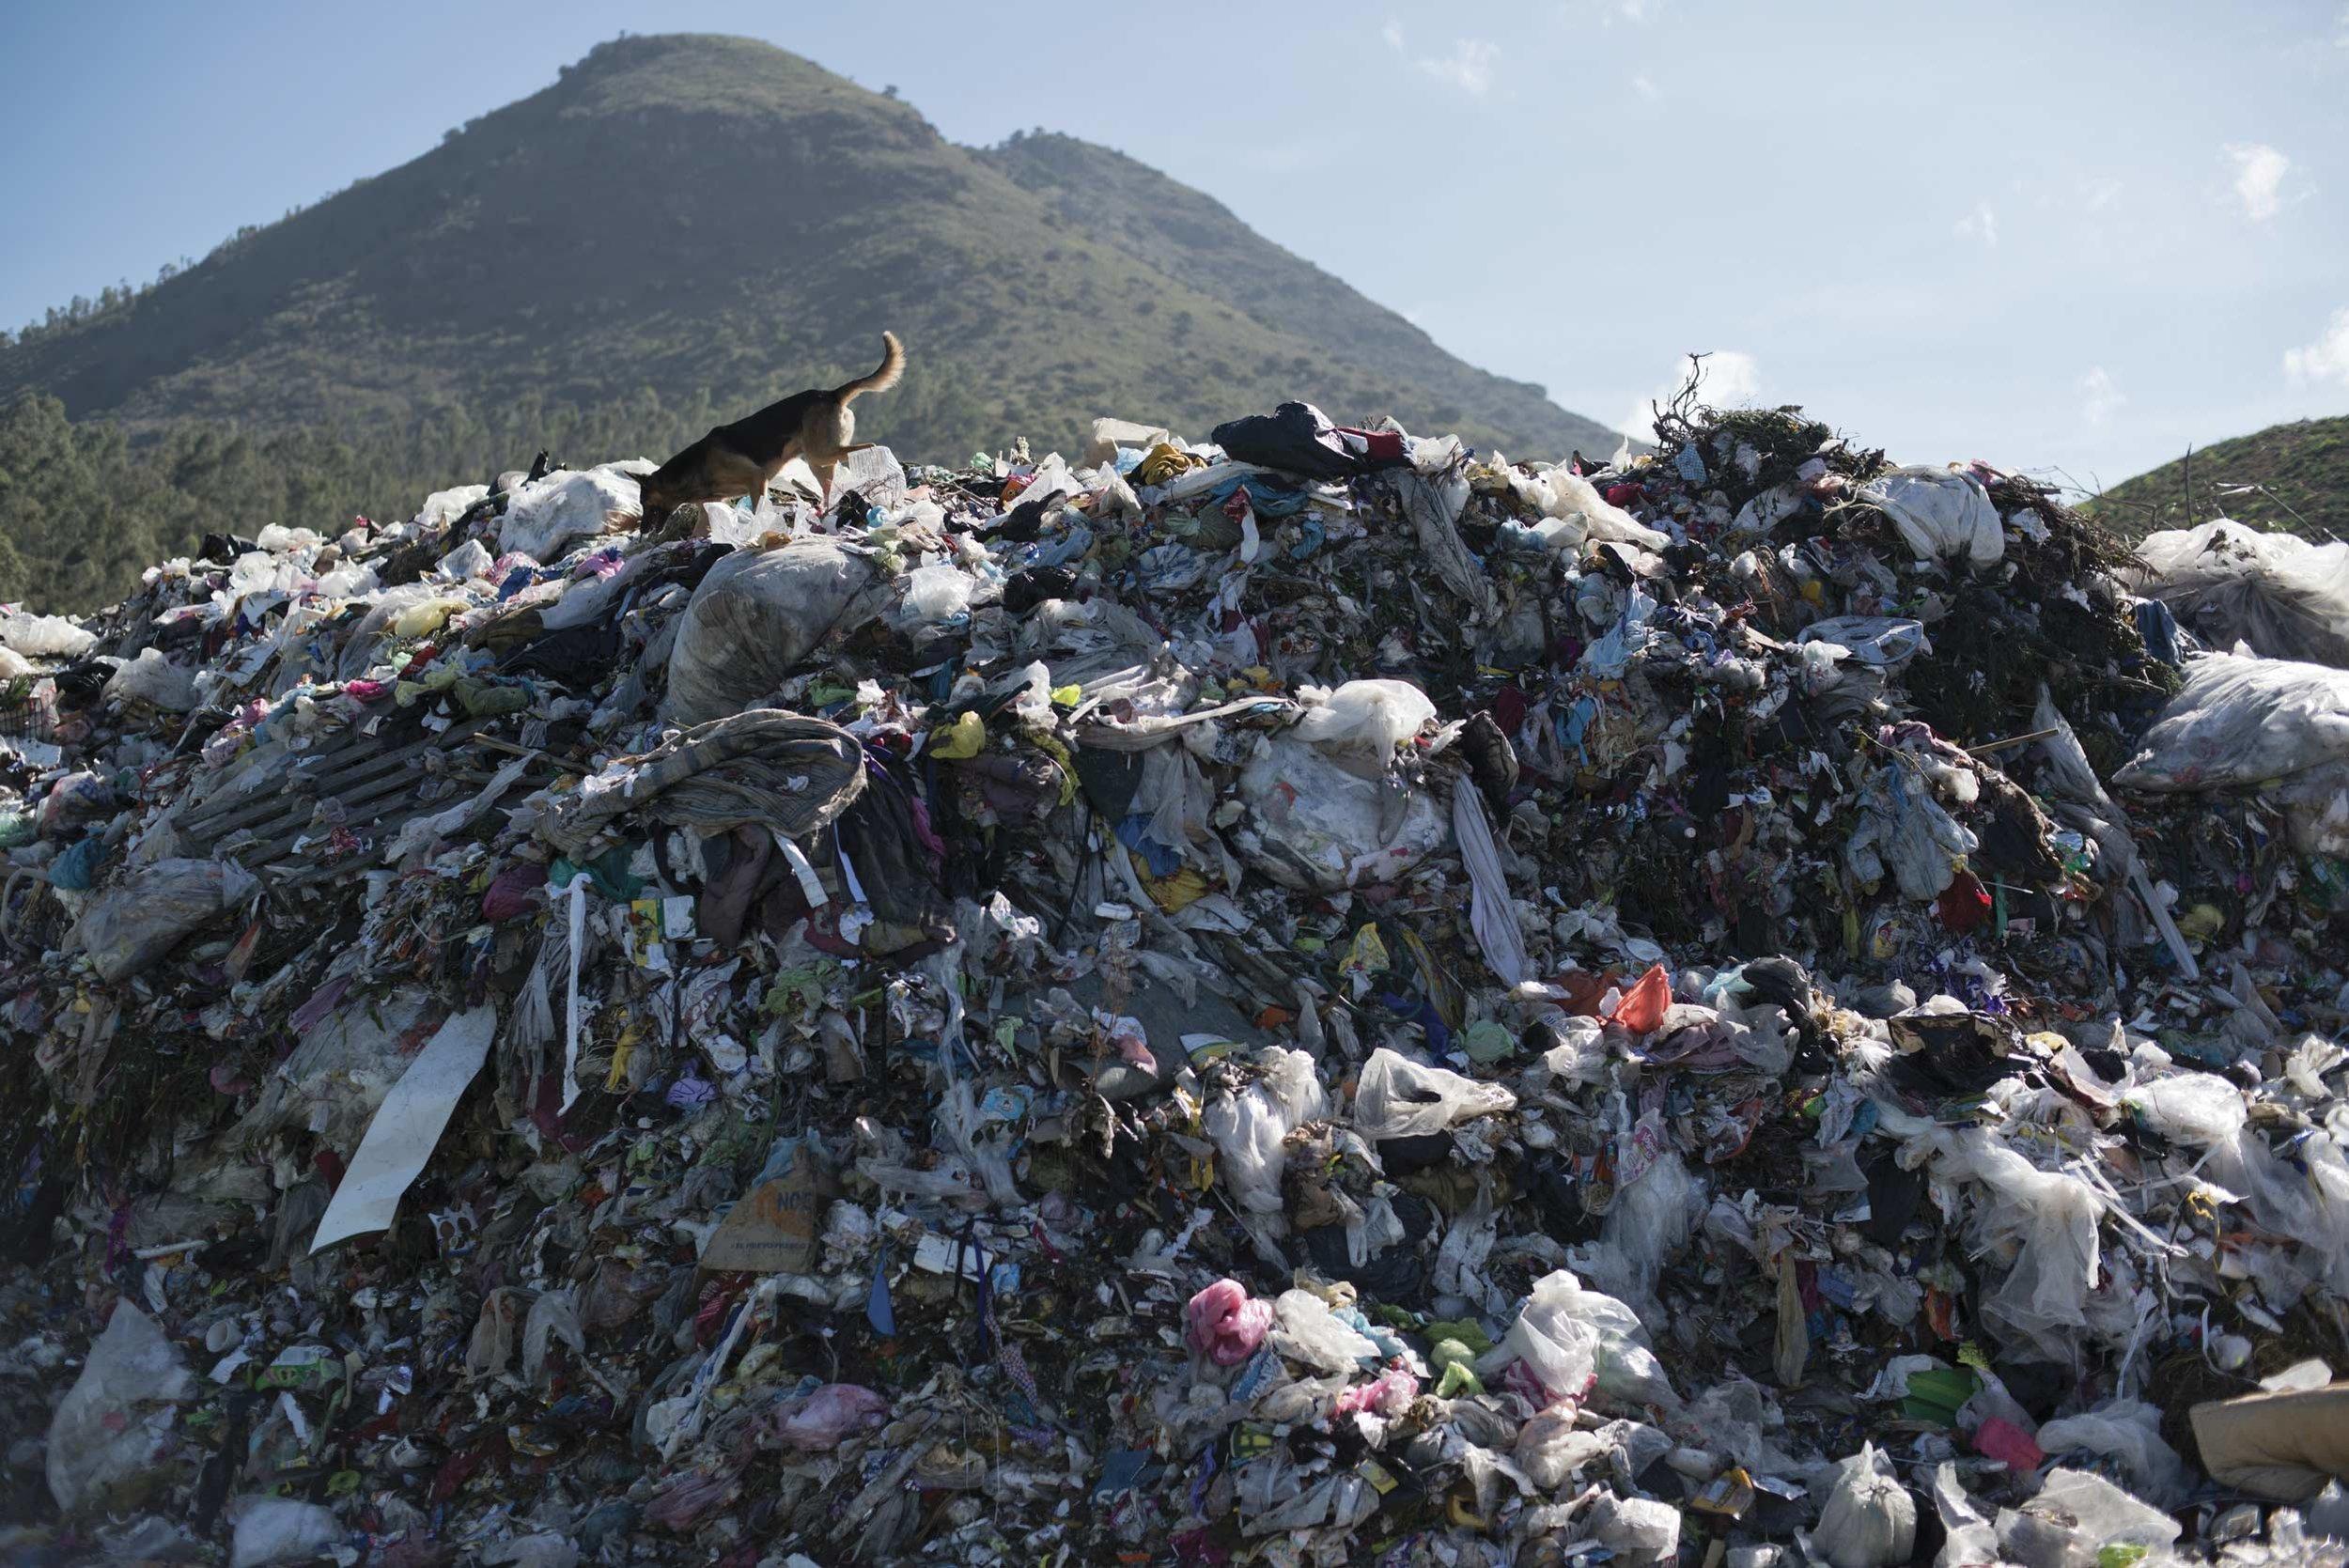 basura-problema-reciclaje-medio-ambiente